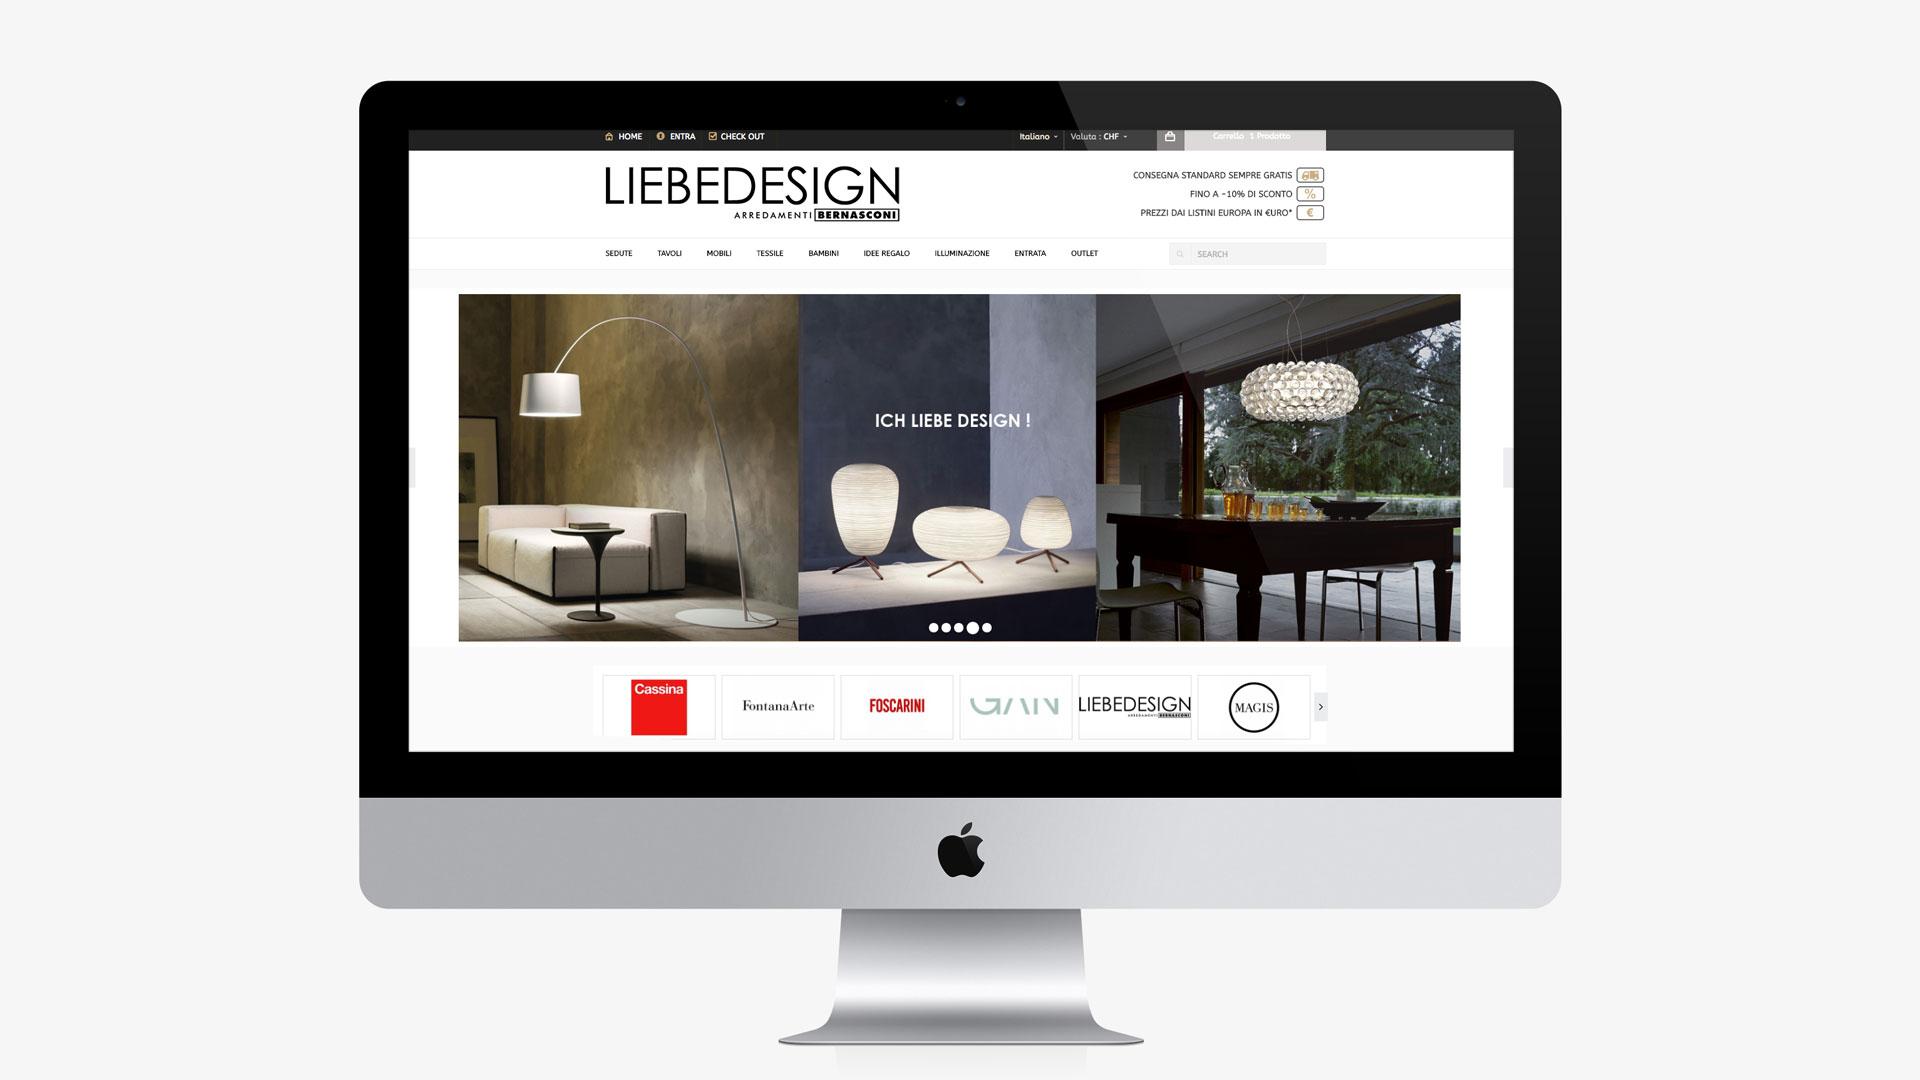 GSite sviluppo sito ecommerce liebedesign